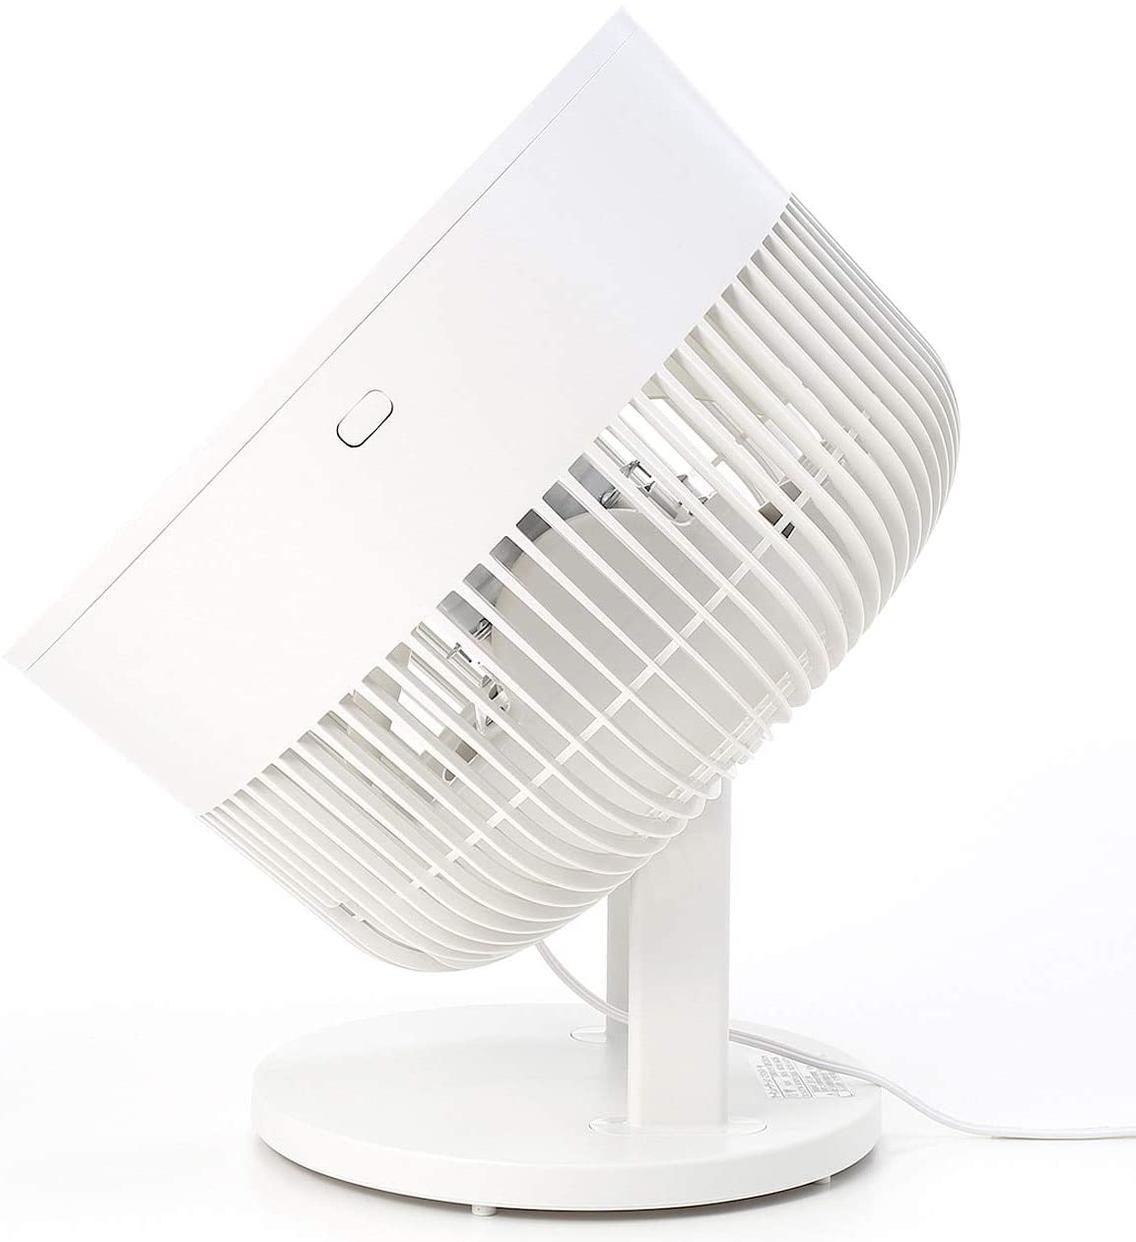 無印良品(MUJI) サーキュレーター(低騒音ファン・大風量タイプ) AT-CF26R-Wの商品画像10